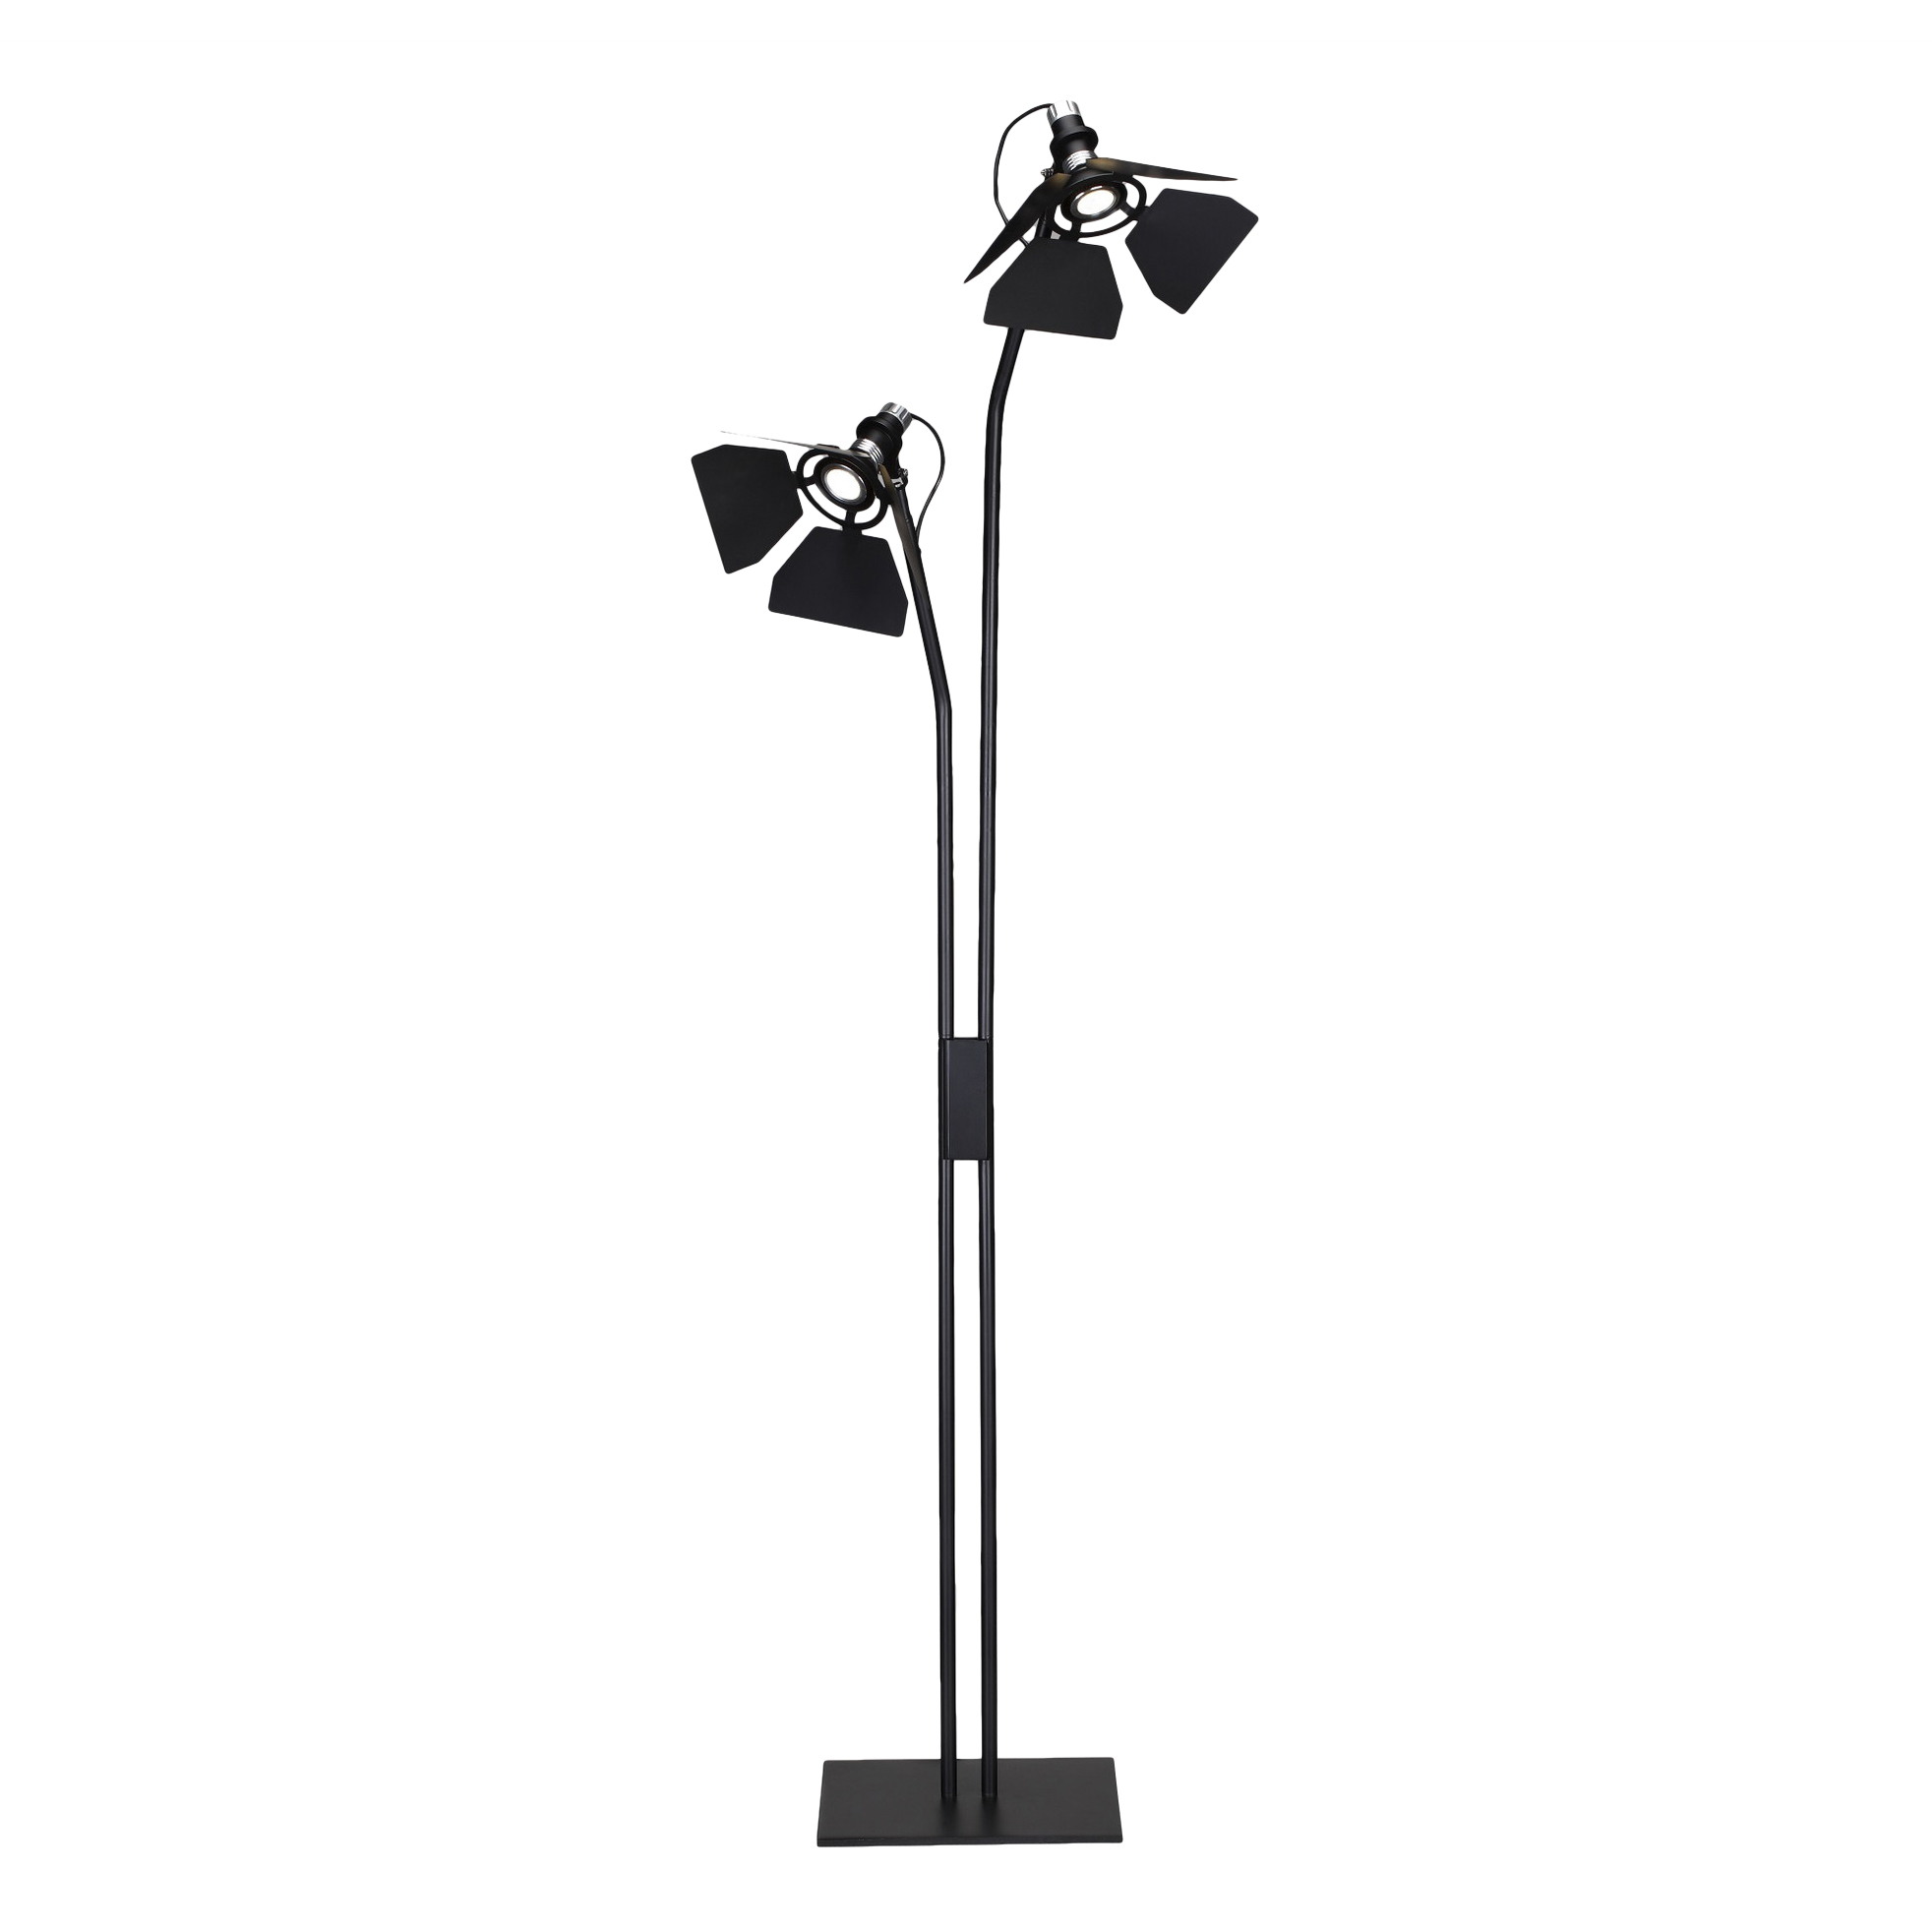 Напольный светильник Ribalta биокамин напольный классика в москве недорого